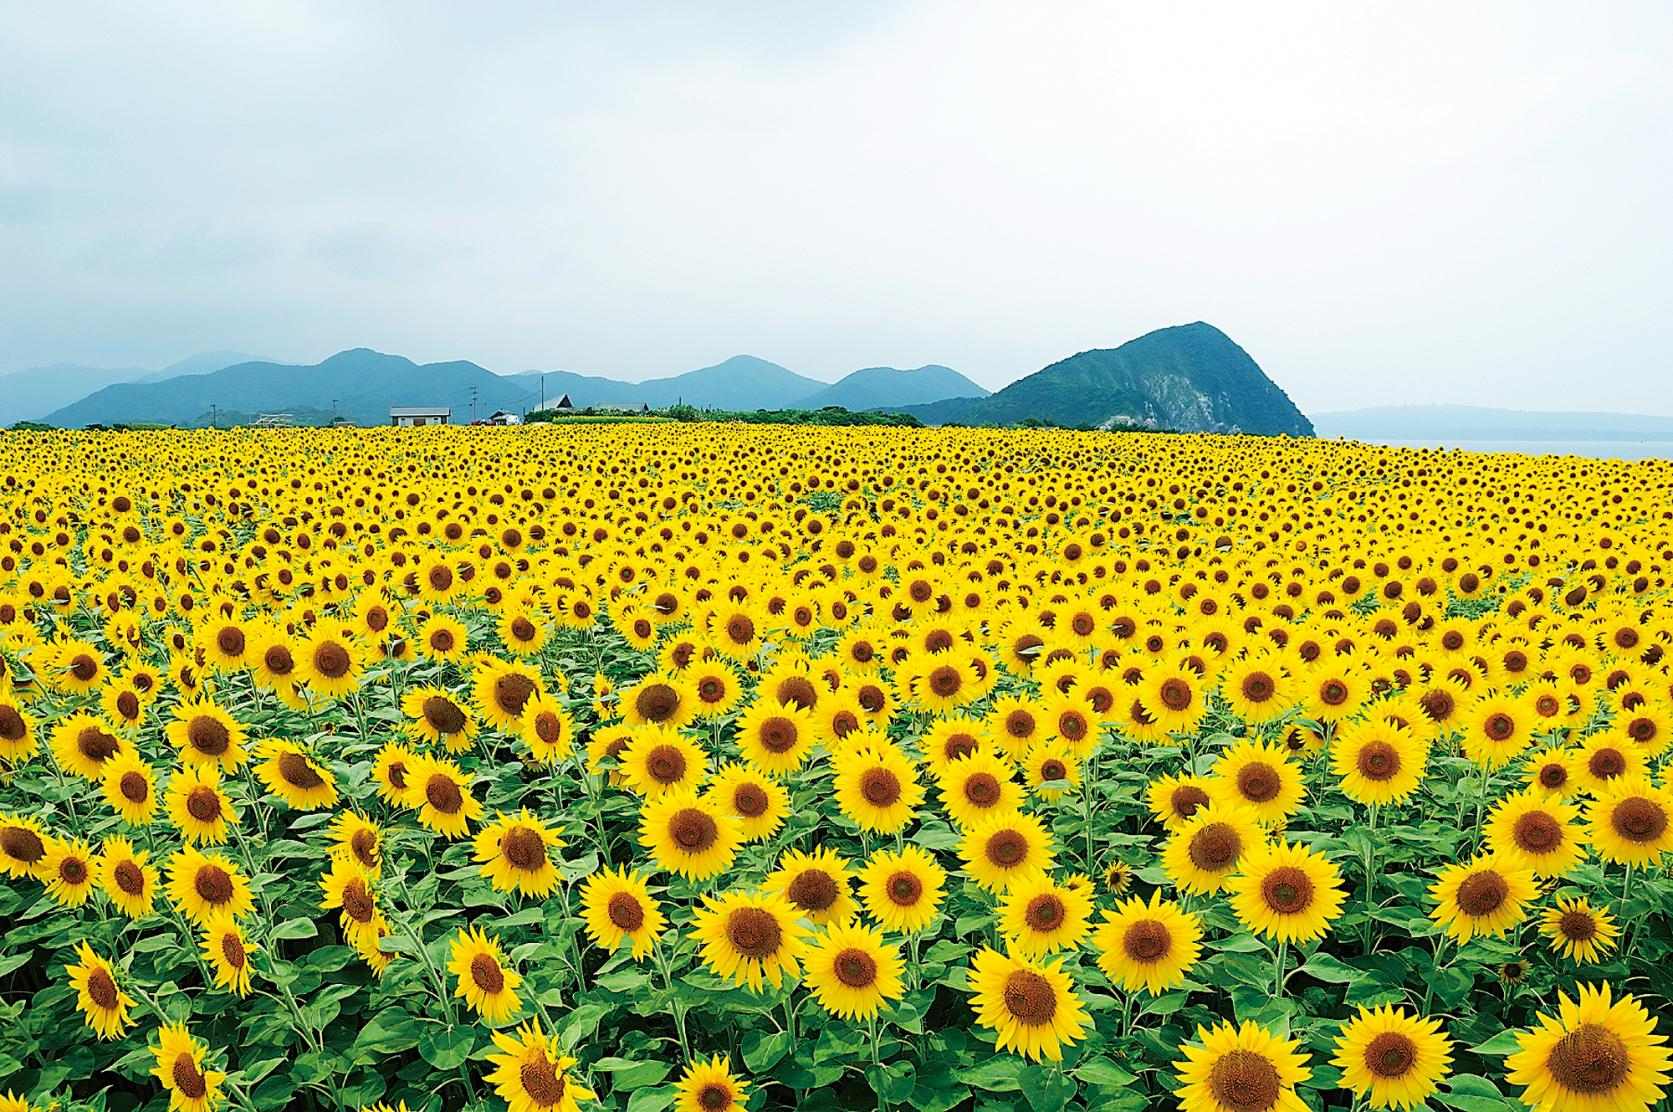 絶景のフラワーロードと日本遺産コース-1